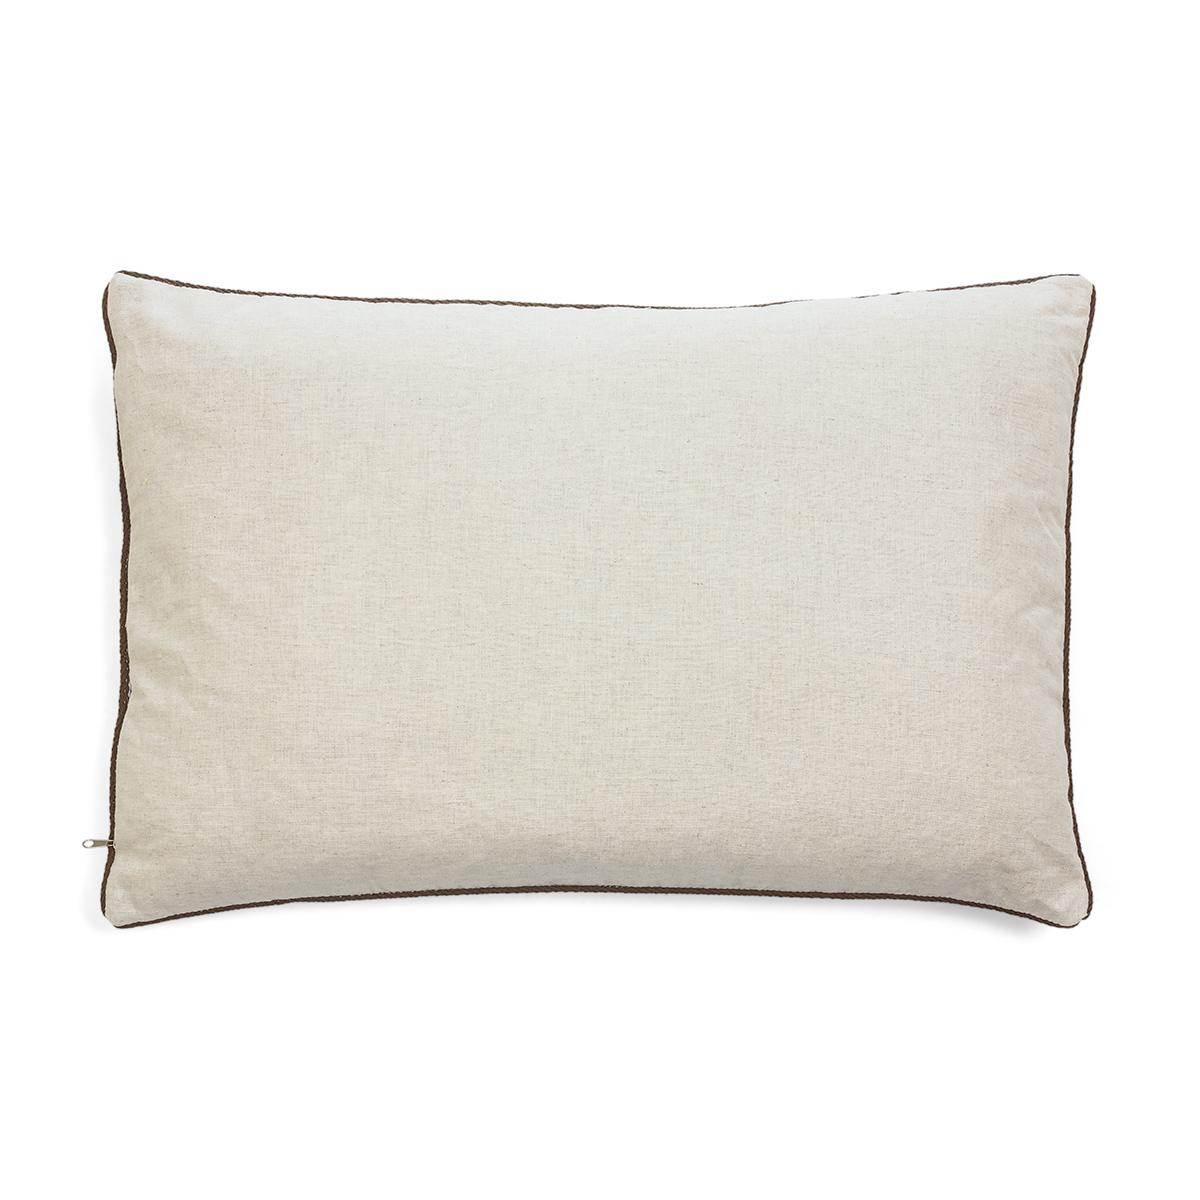 Подушка  Алтайская  р. 40х60 - Текстиль для дома артикул: 26284